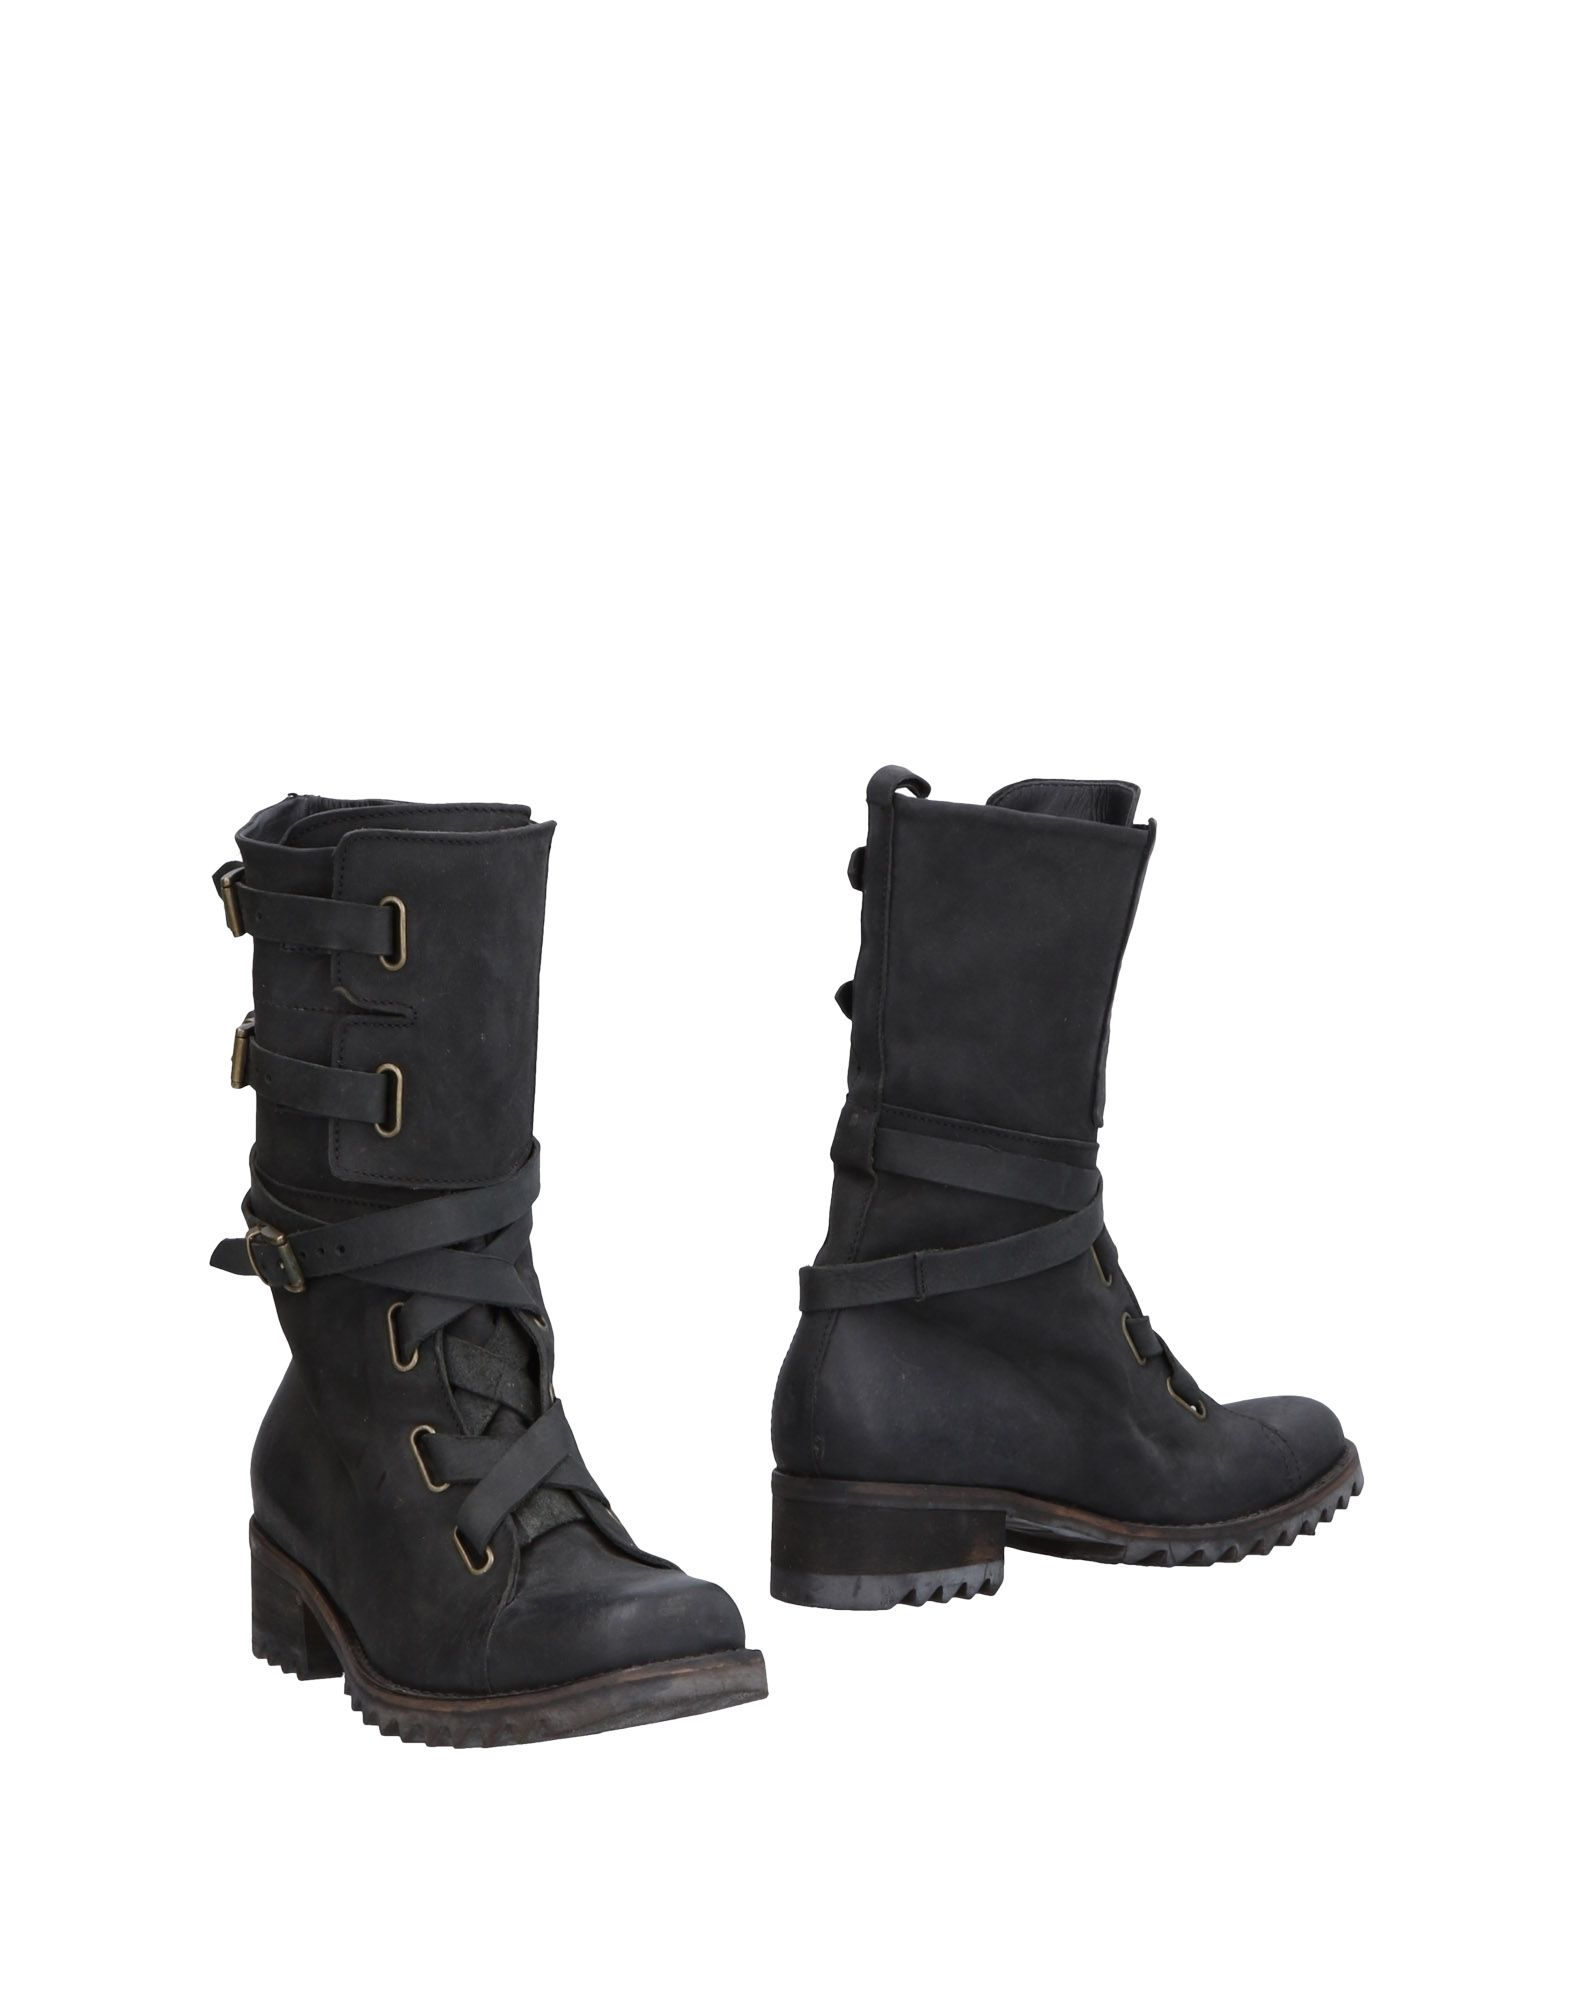 Rabatt Schuhe Giorgio Brato Stiefelette Damen  11458566LG